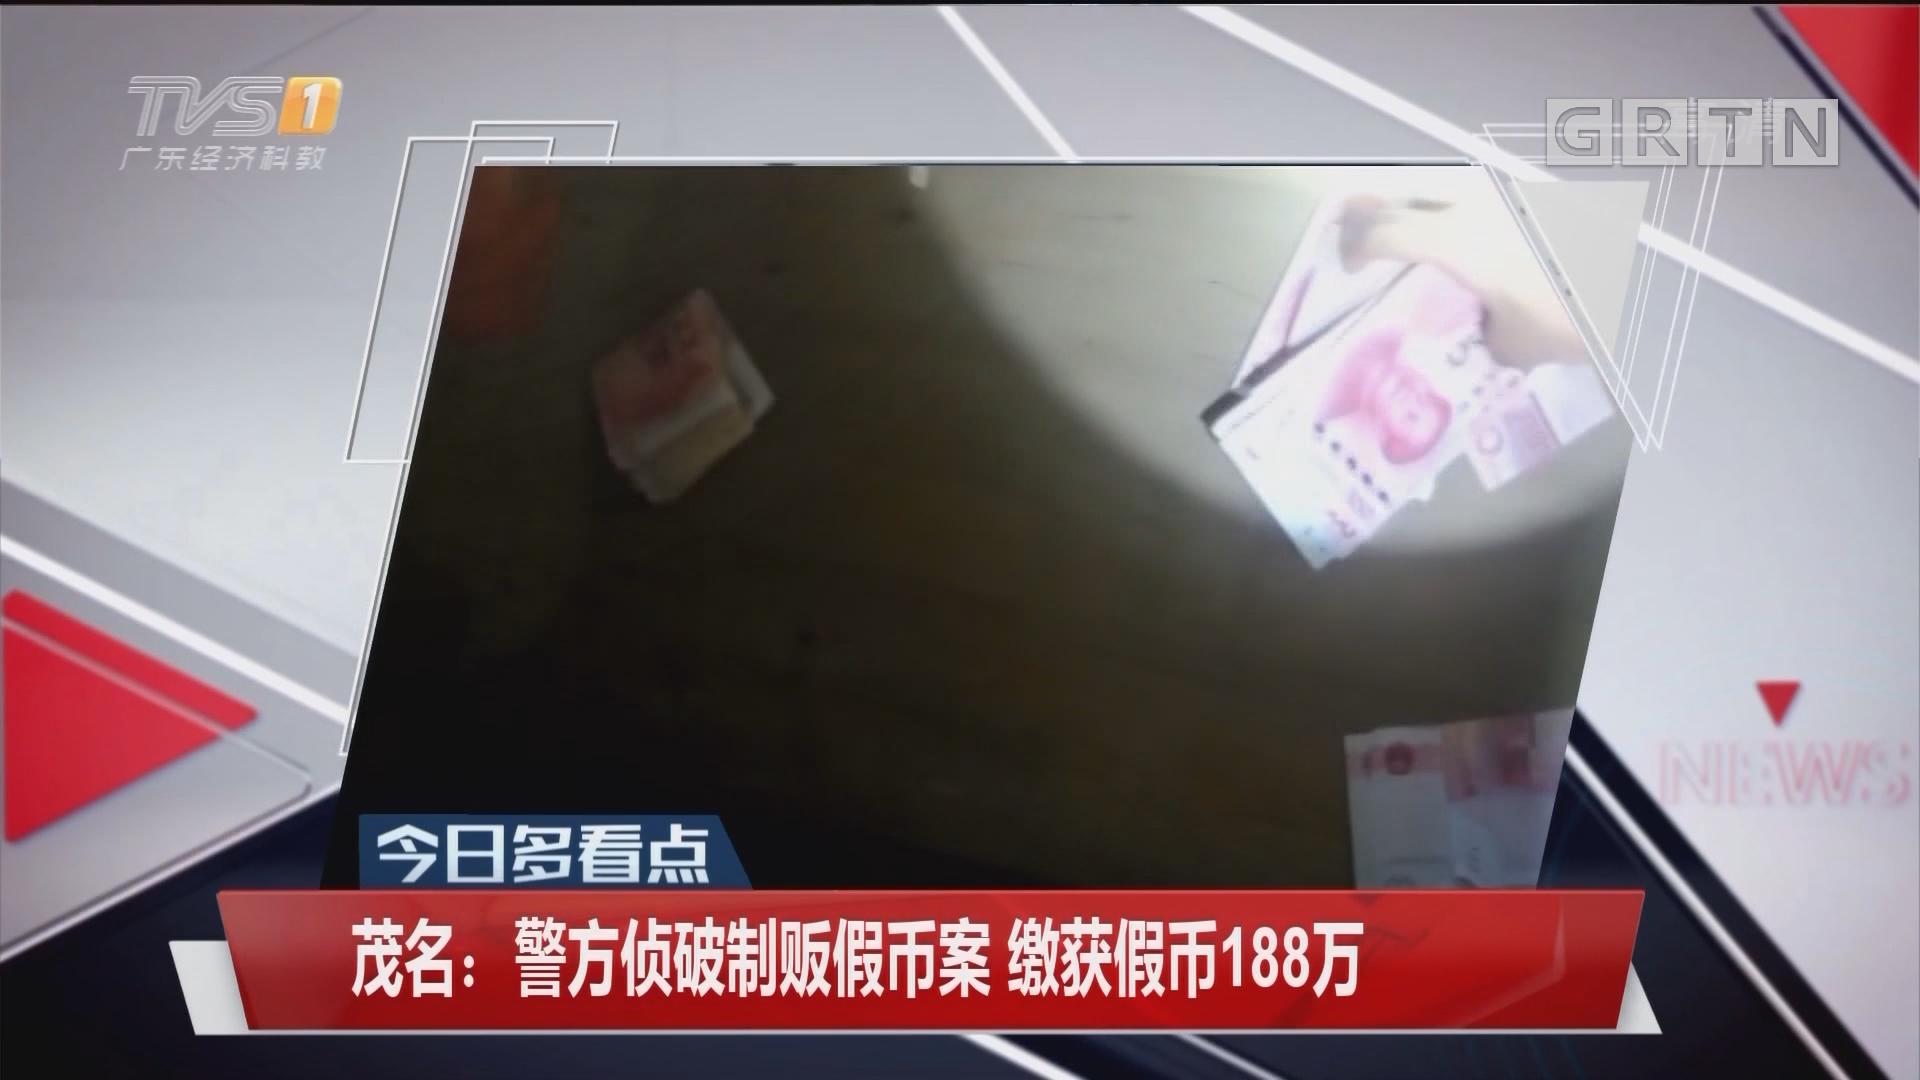 茂名:警方偵破制販假币案 繳獲假币188萬